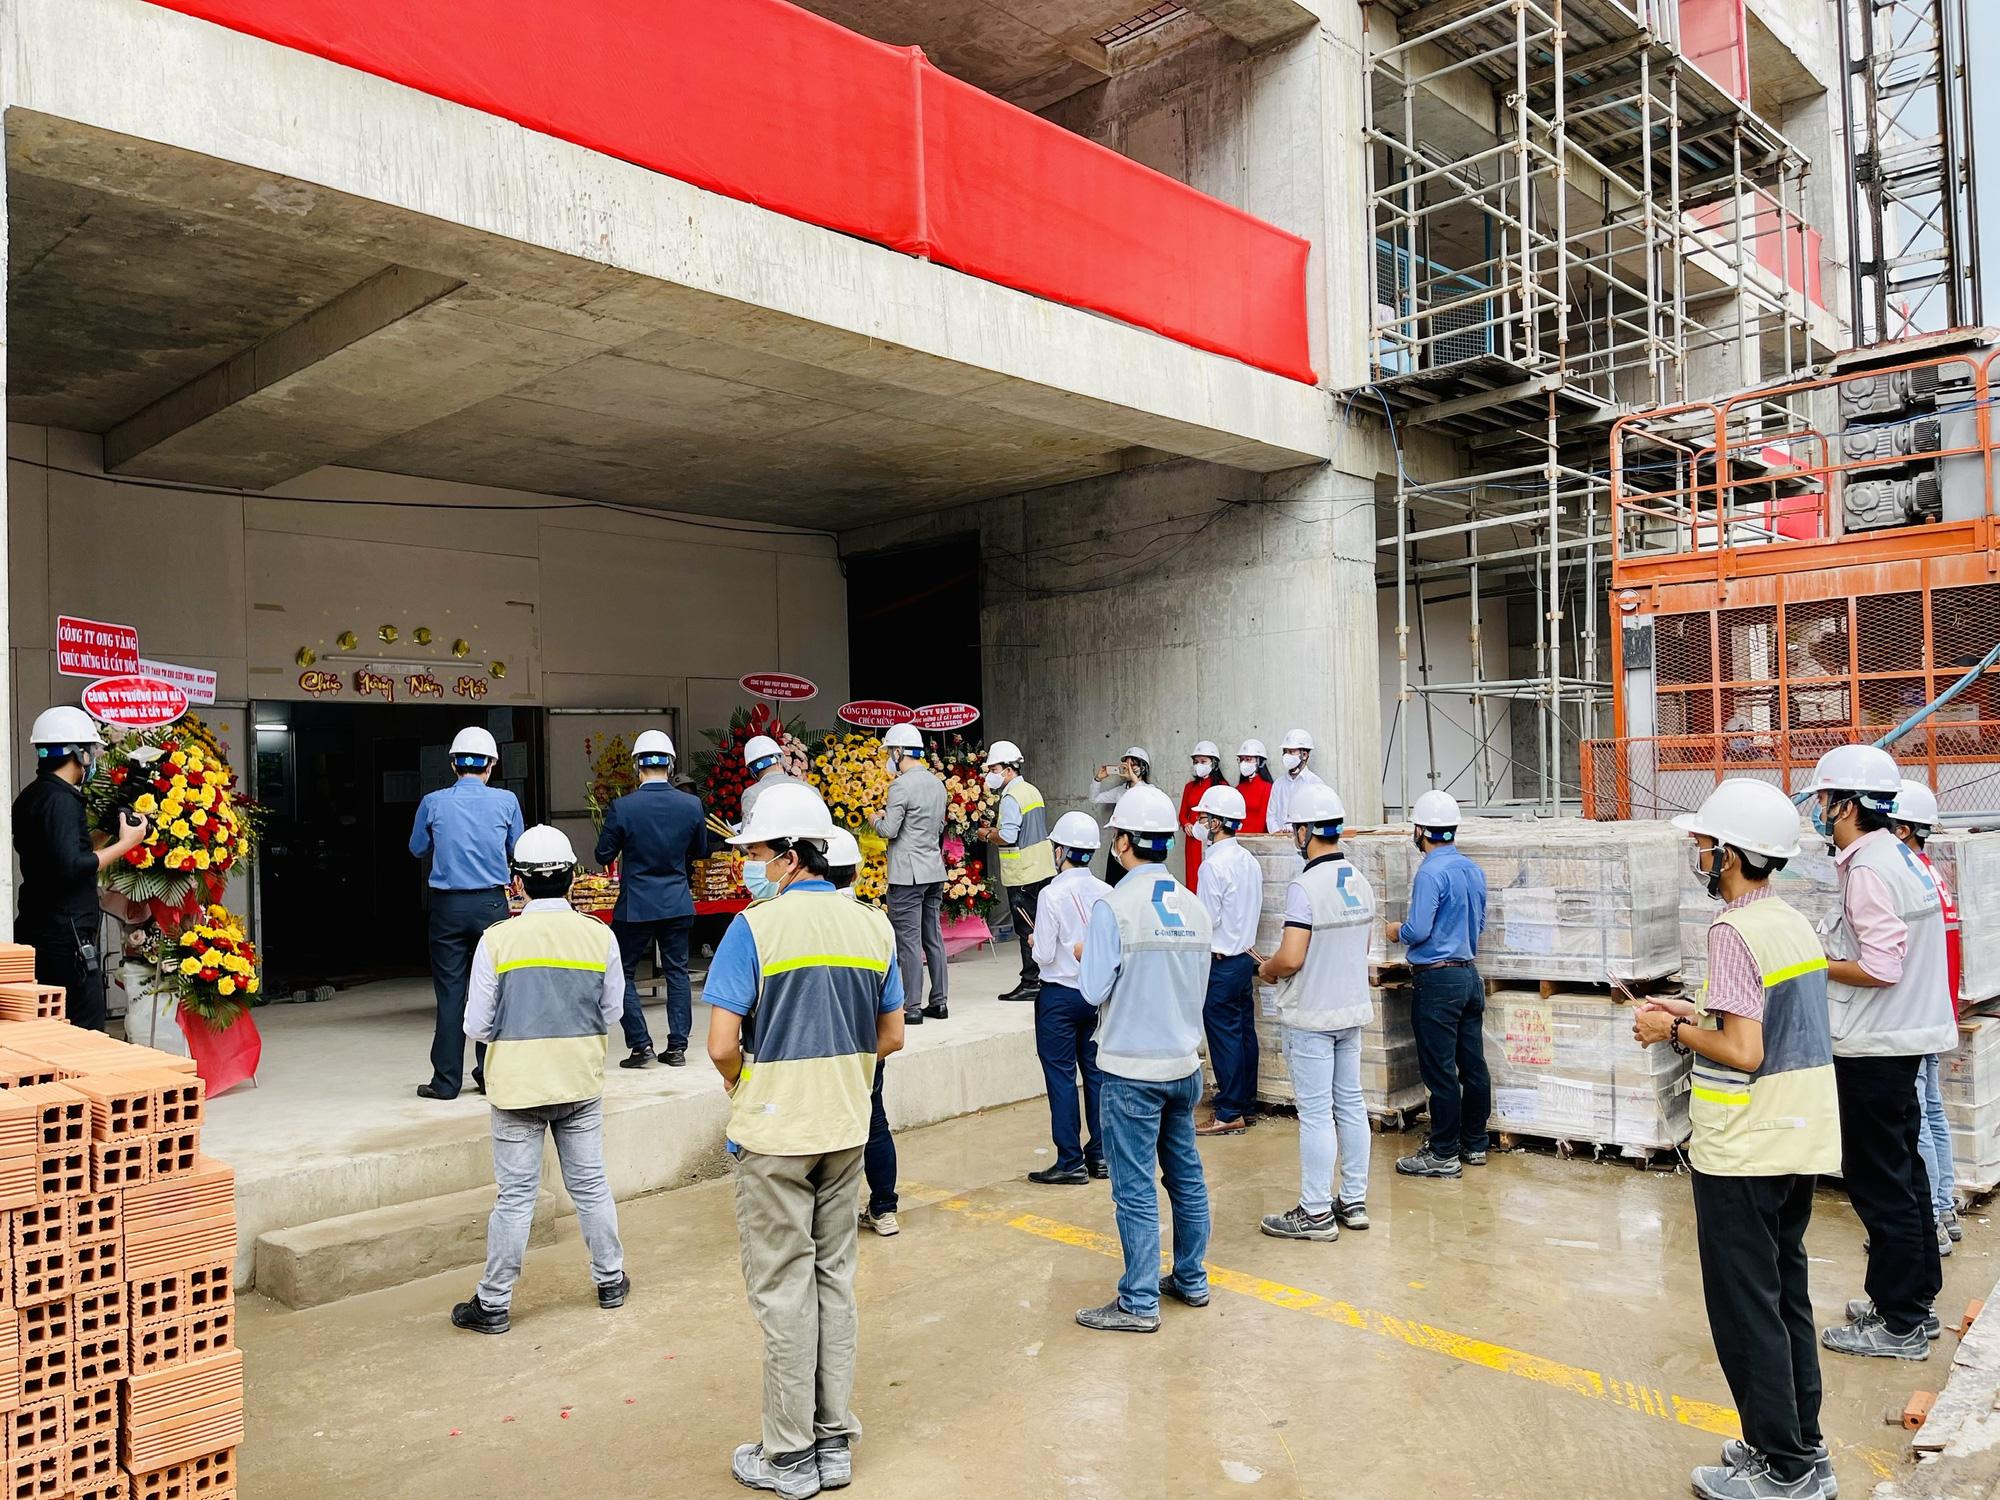 Phớt lờ Chỉ thị 16, hàng chục nhân viên Công ty C-Holdings của Cường 'đô la' vẫn tập trung trên 20 người - Ảnh 1.